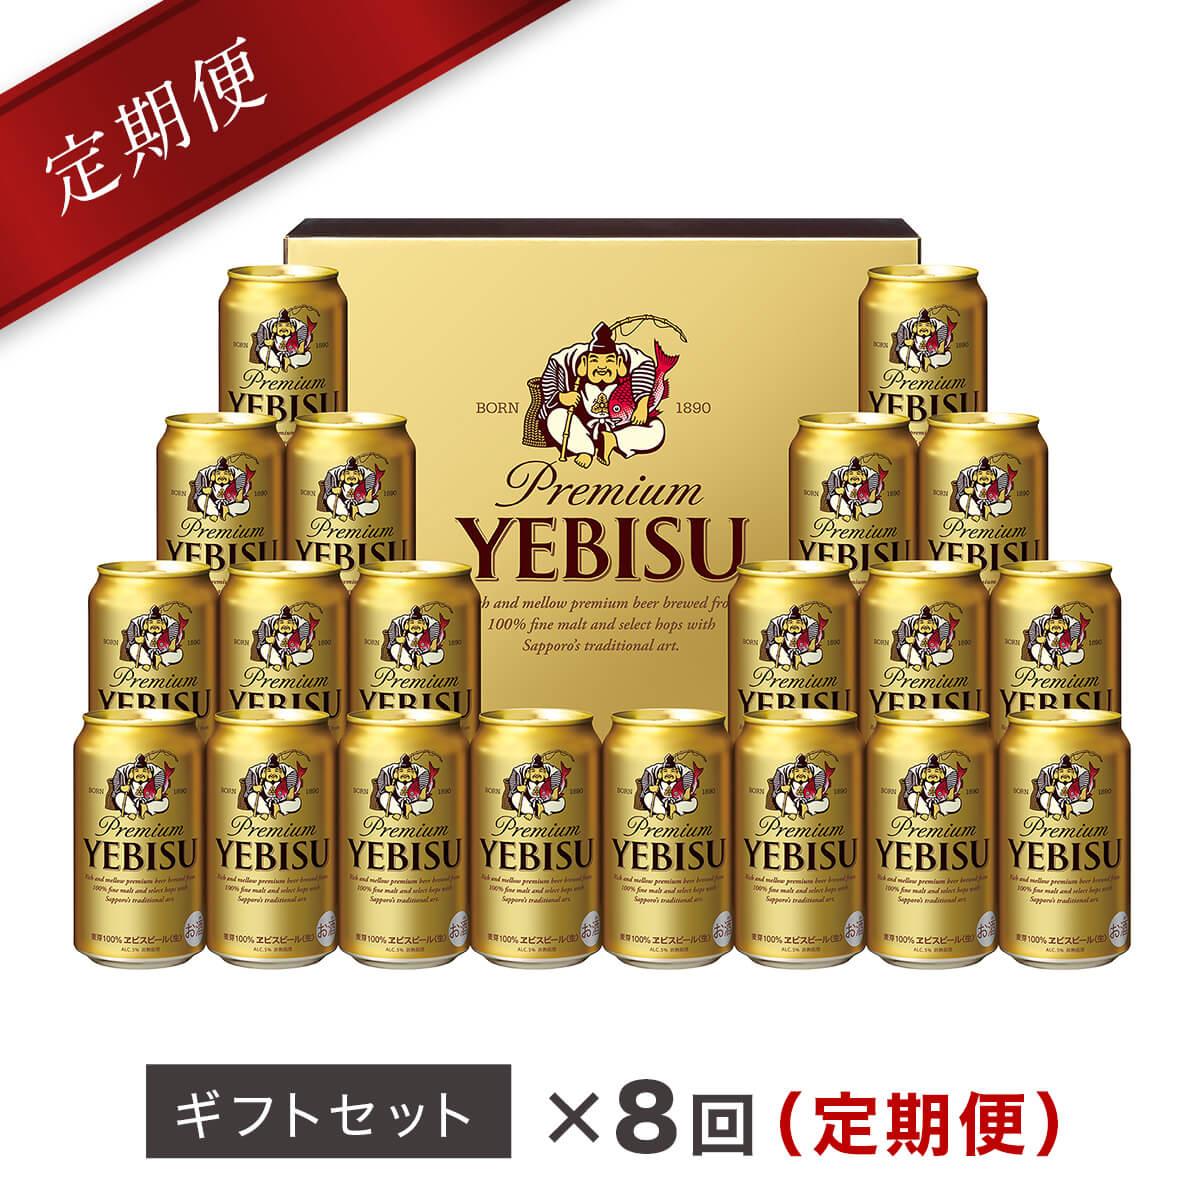 【ふるさと納税】地元名取生産 ヱビスビール定期便 20本入ギフトセット(350ml×20本を8回お届け)